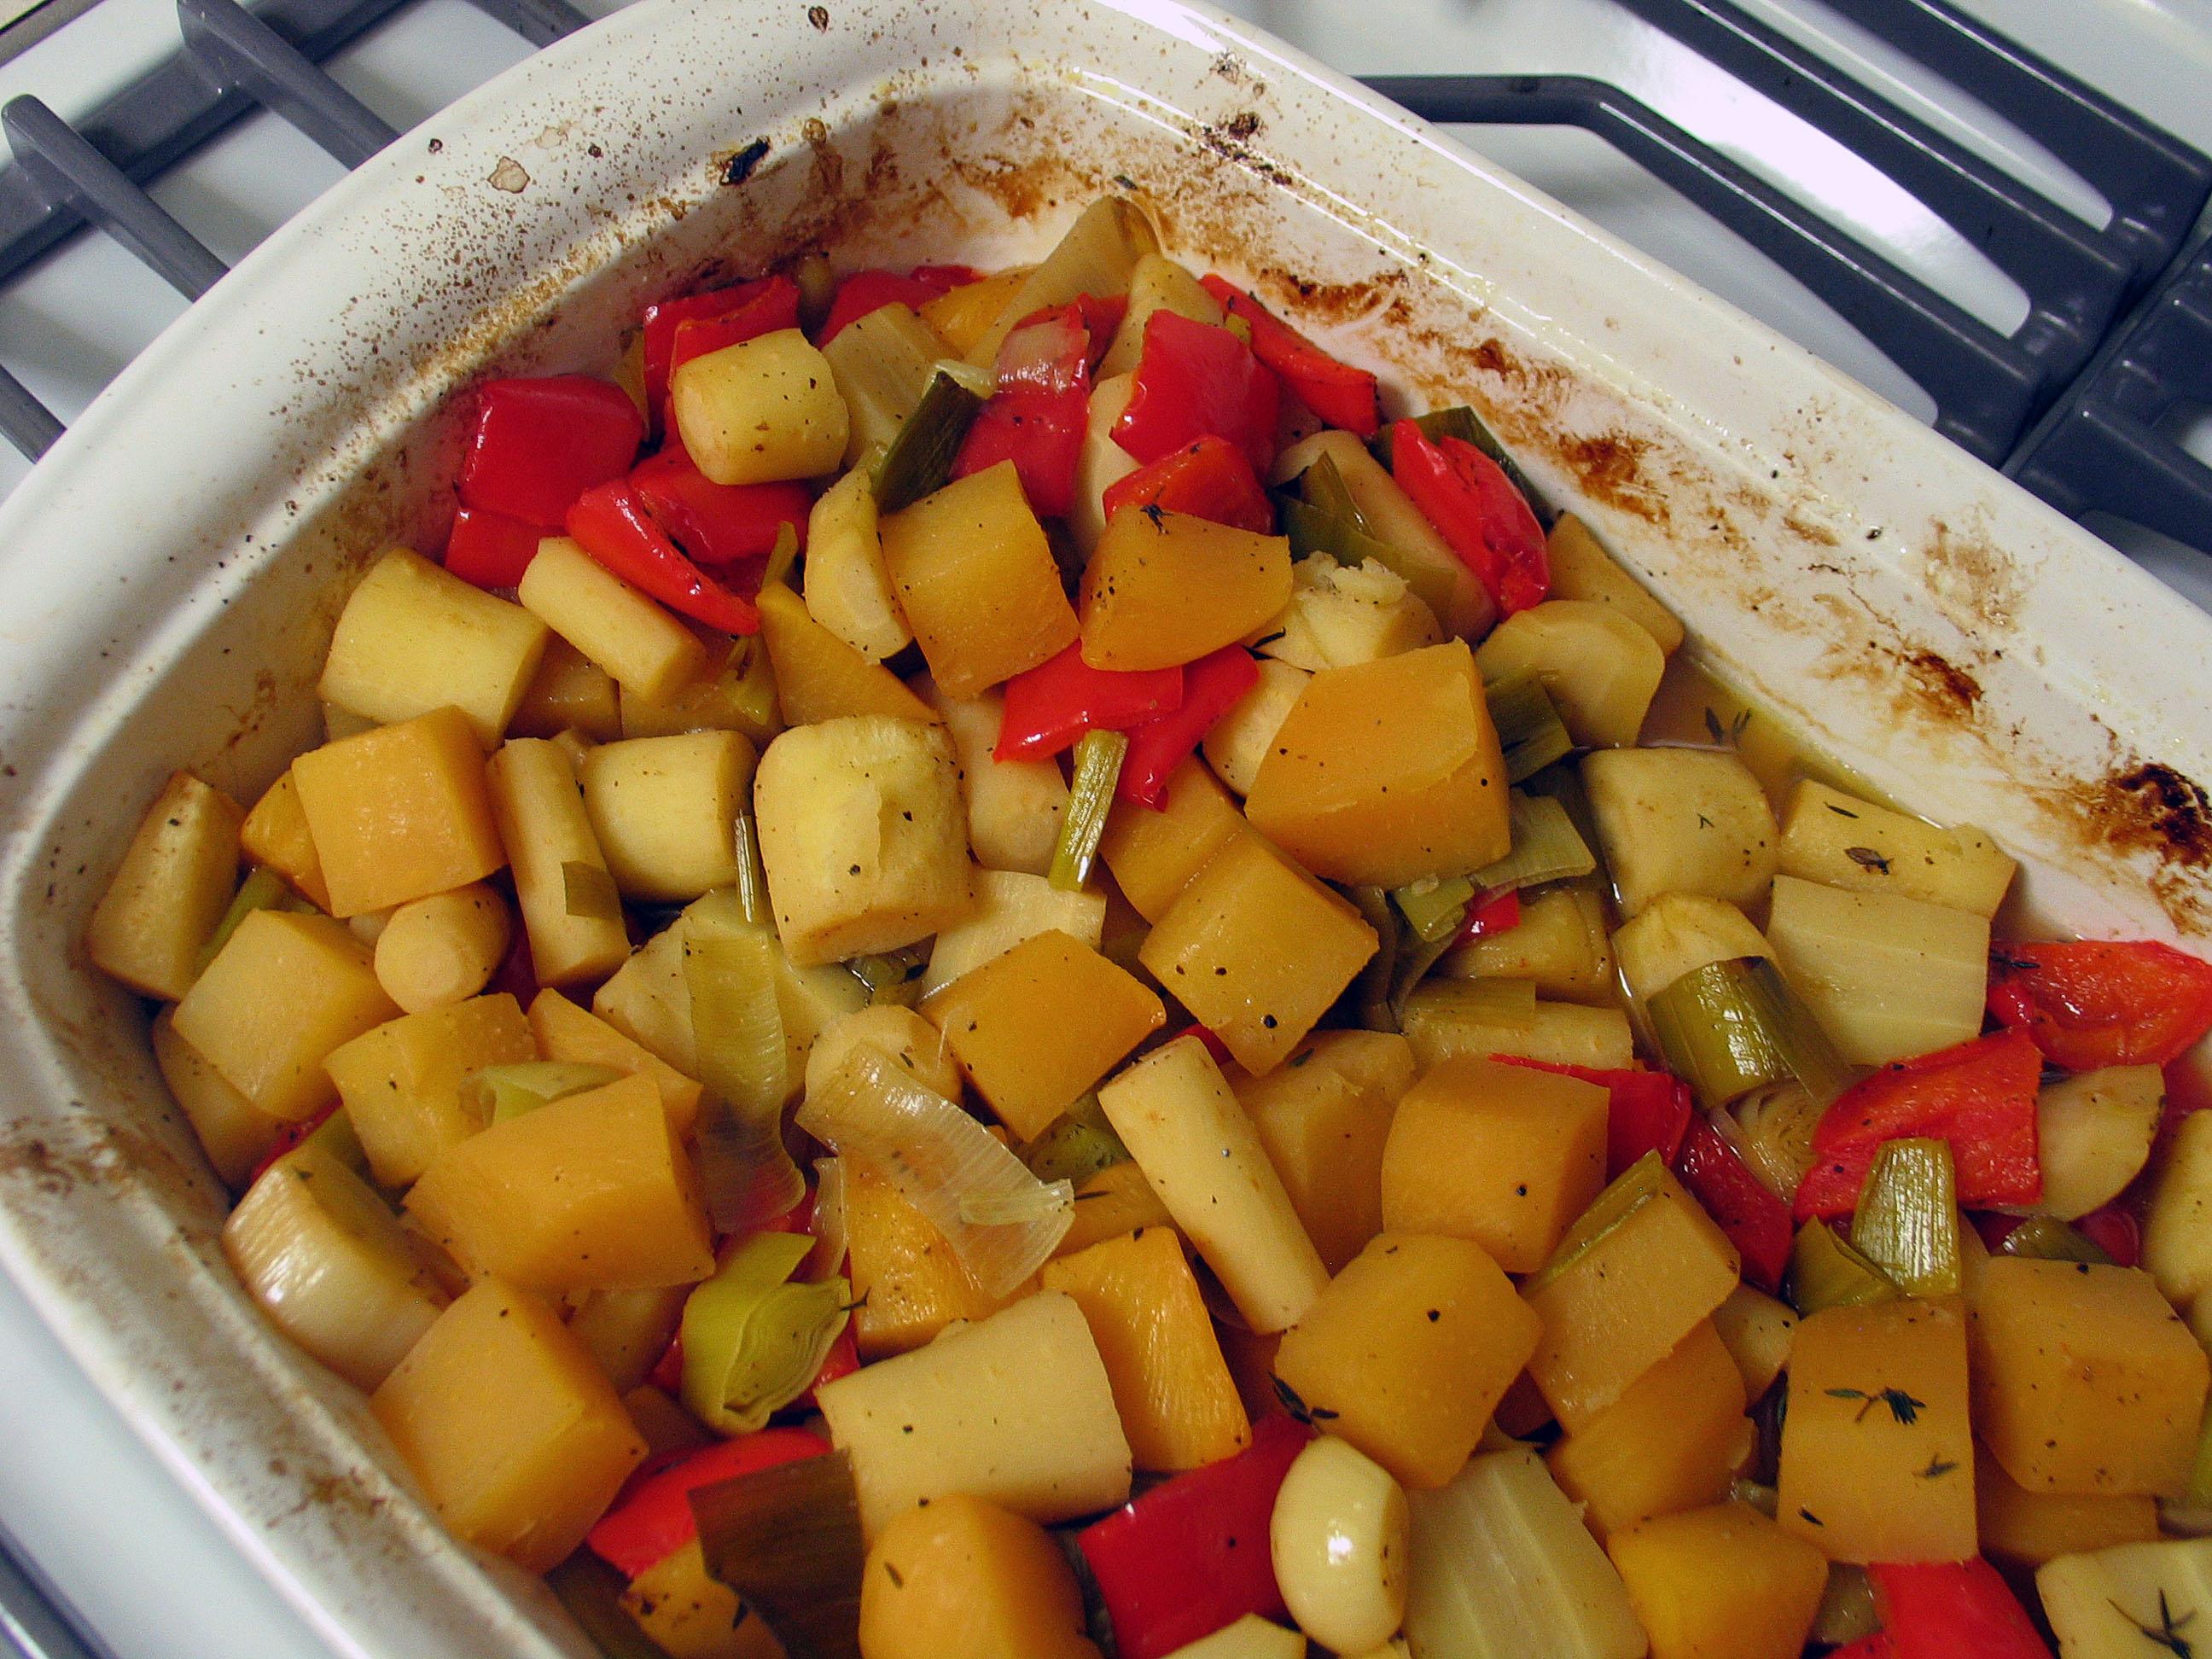 Cider-Glazed Roasted Vegetables